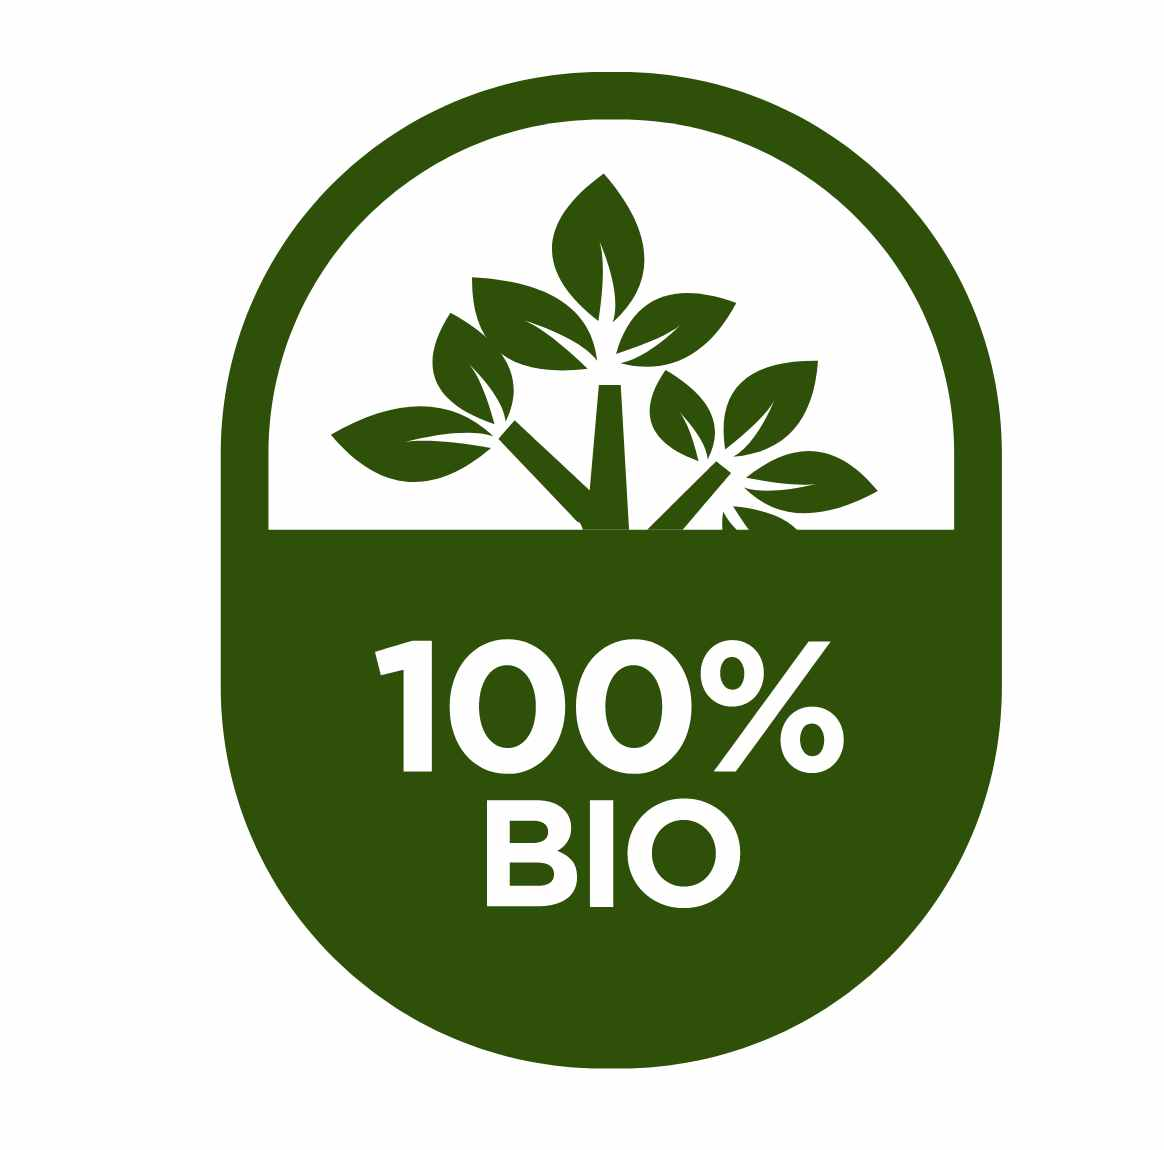 Cien por cien bio